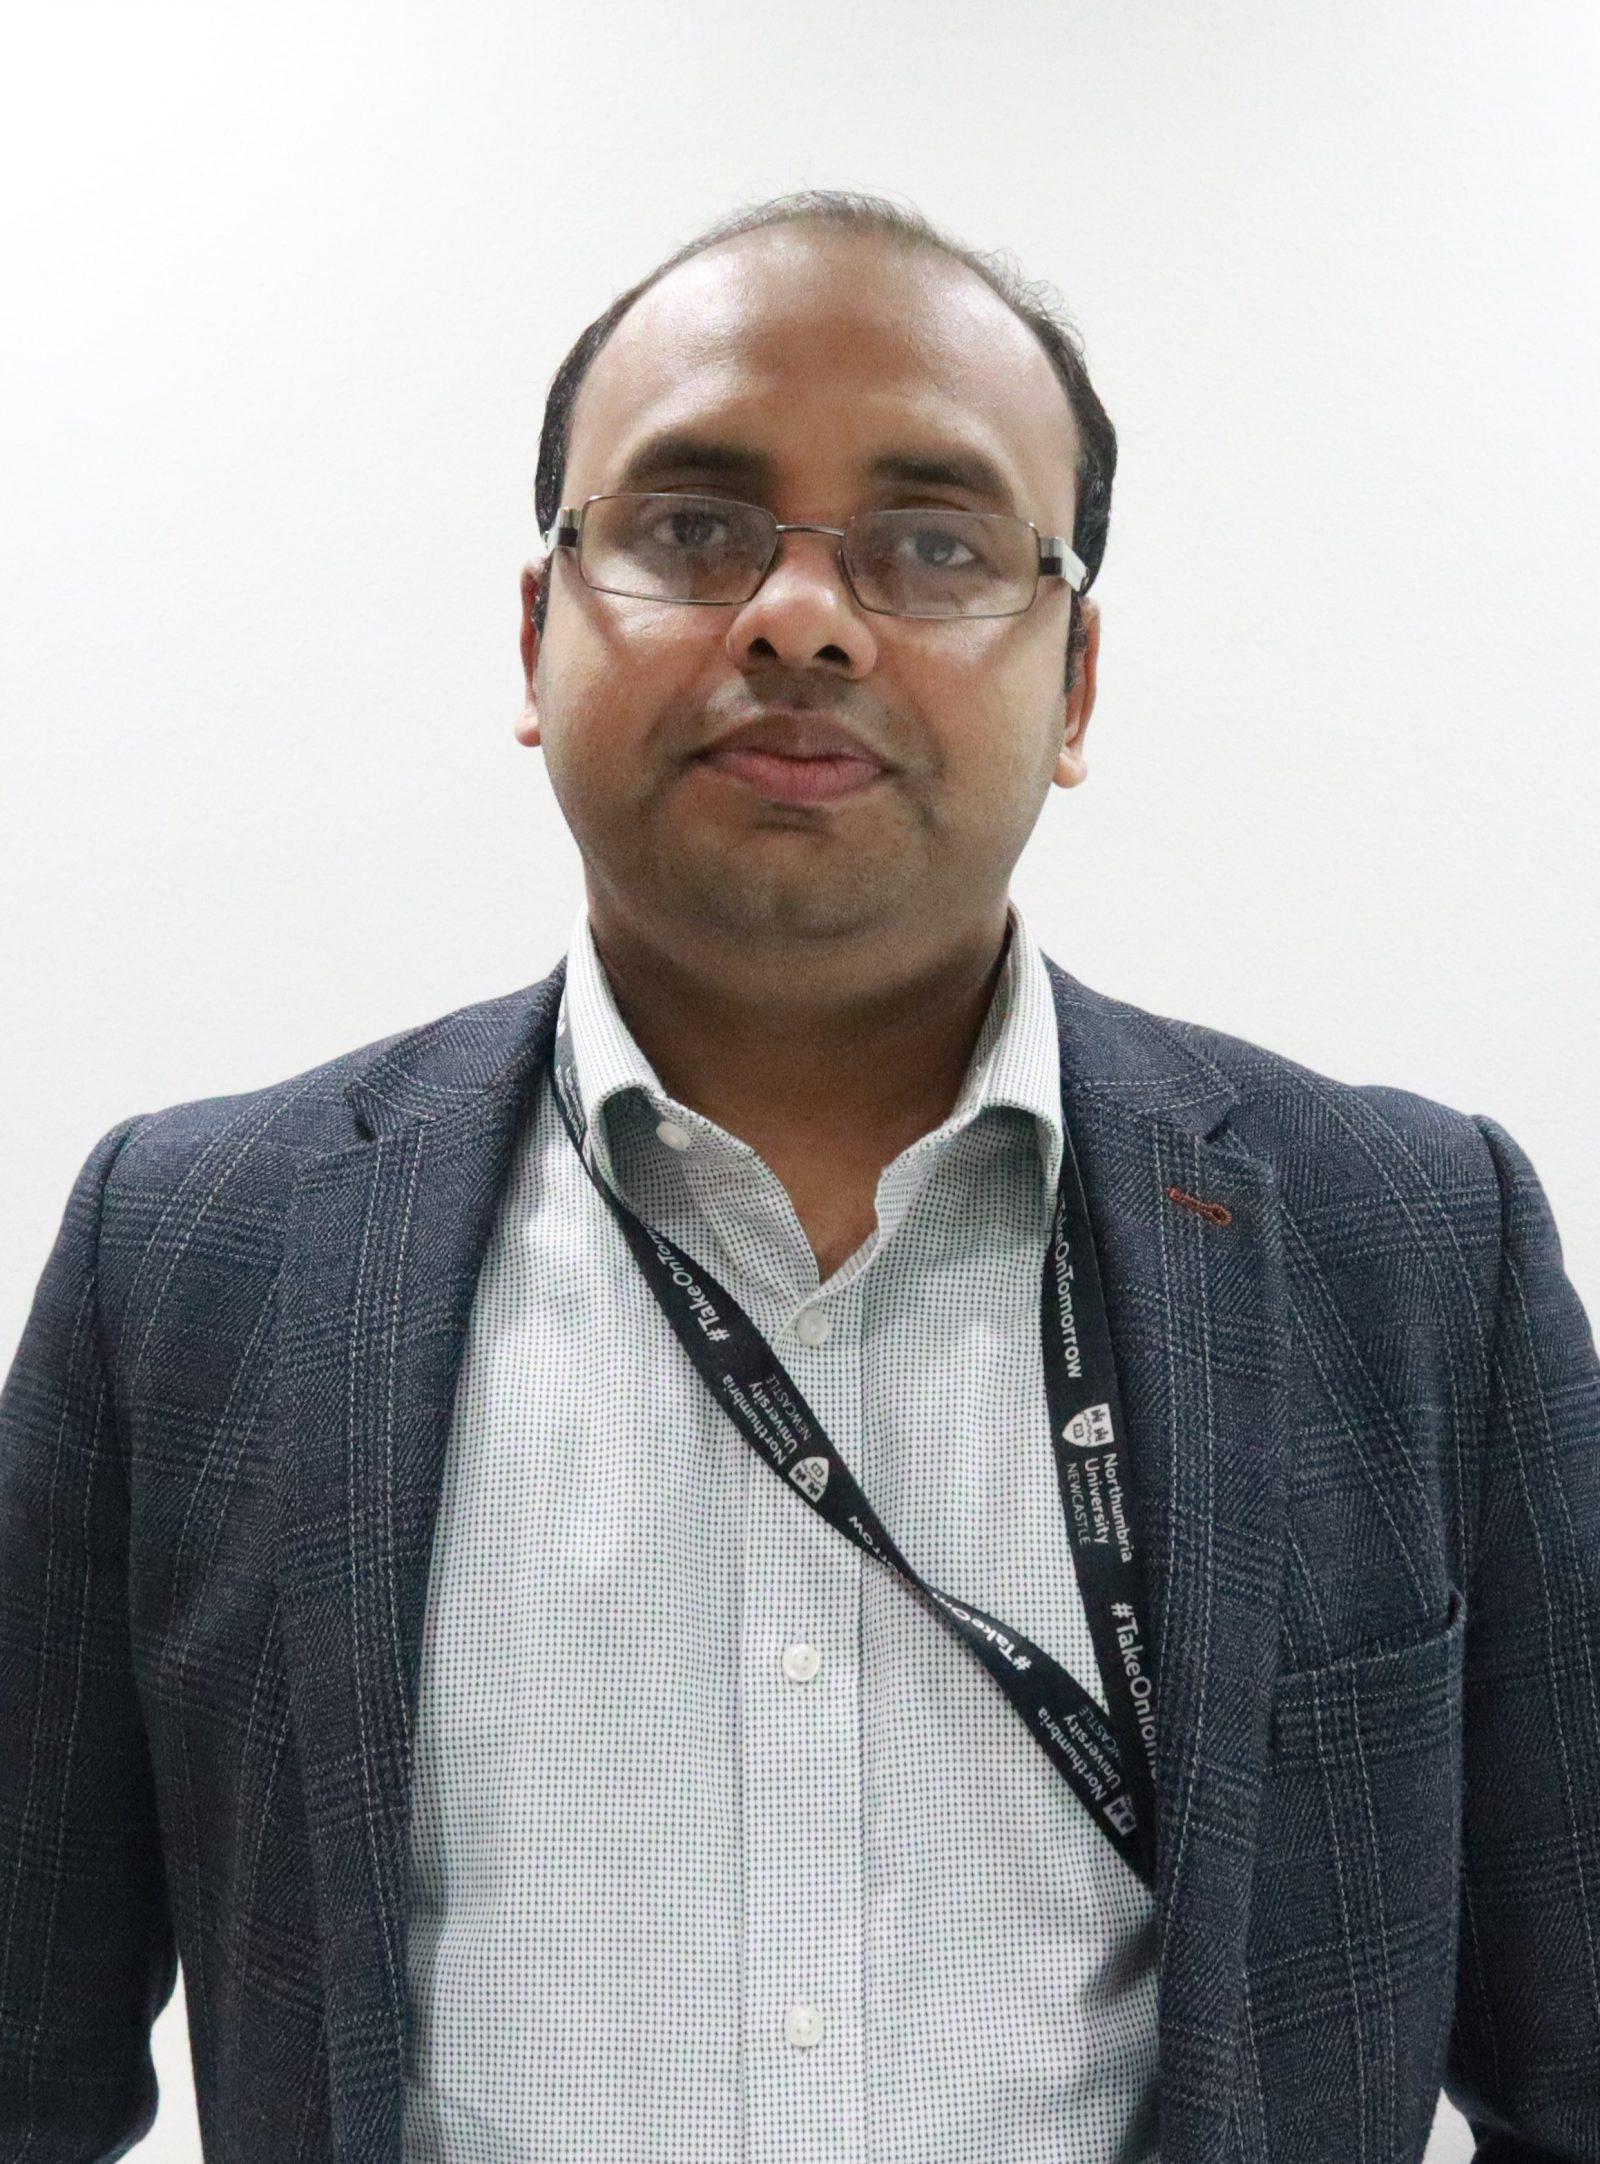 Dr. Abdul Ali